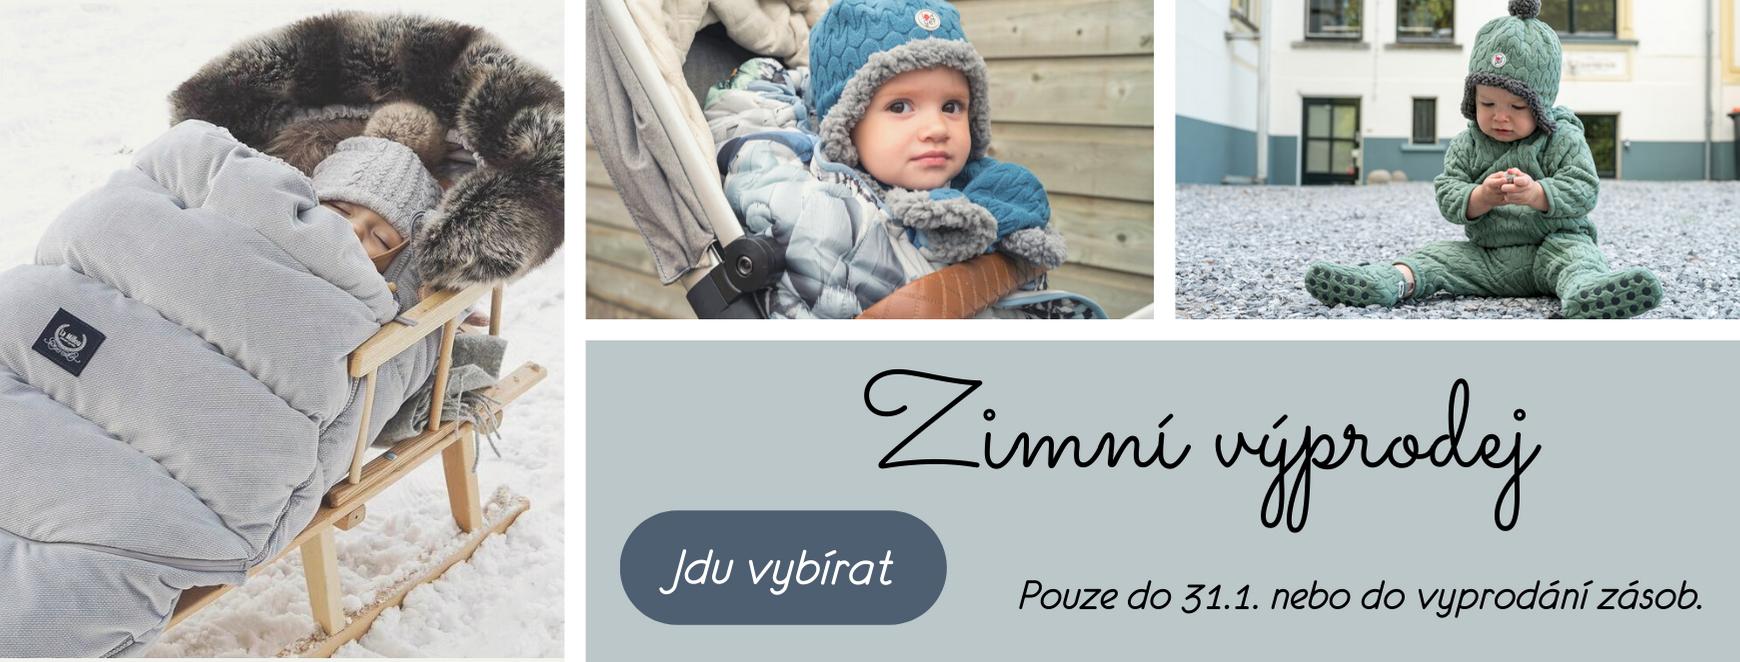 Zimní výprodej na Eliwood.cz! Nakupte dětskou výbavičku se slevou! Oblíbené značky a produkty nyní v akci na Eliwoodu!